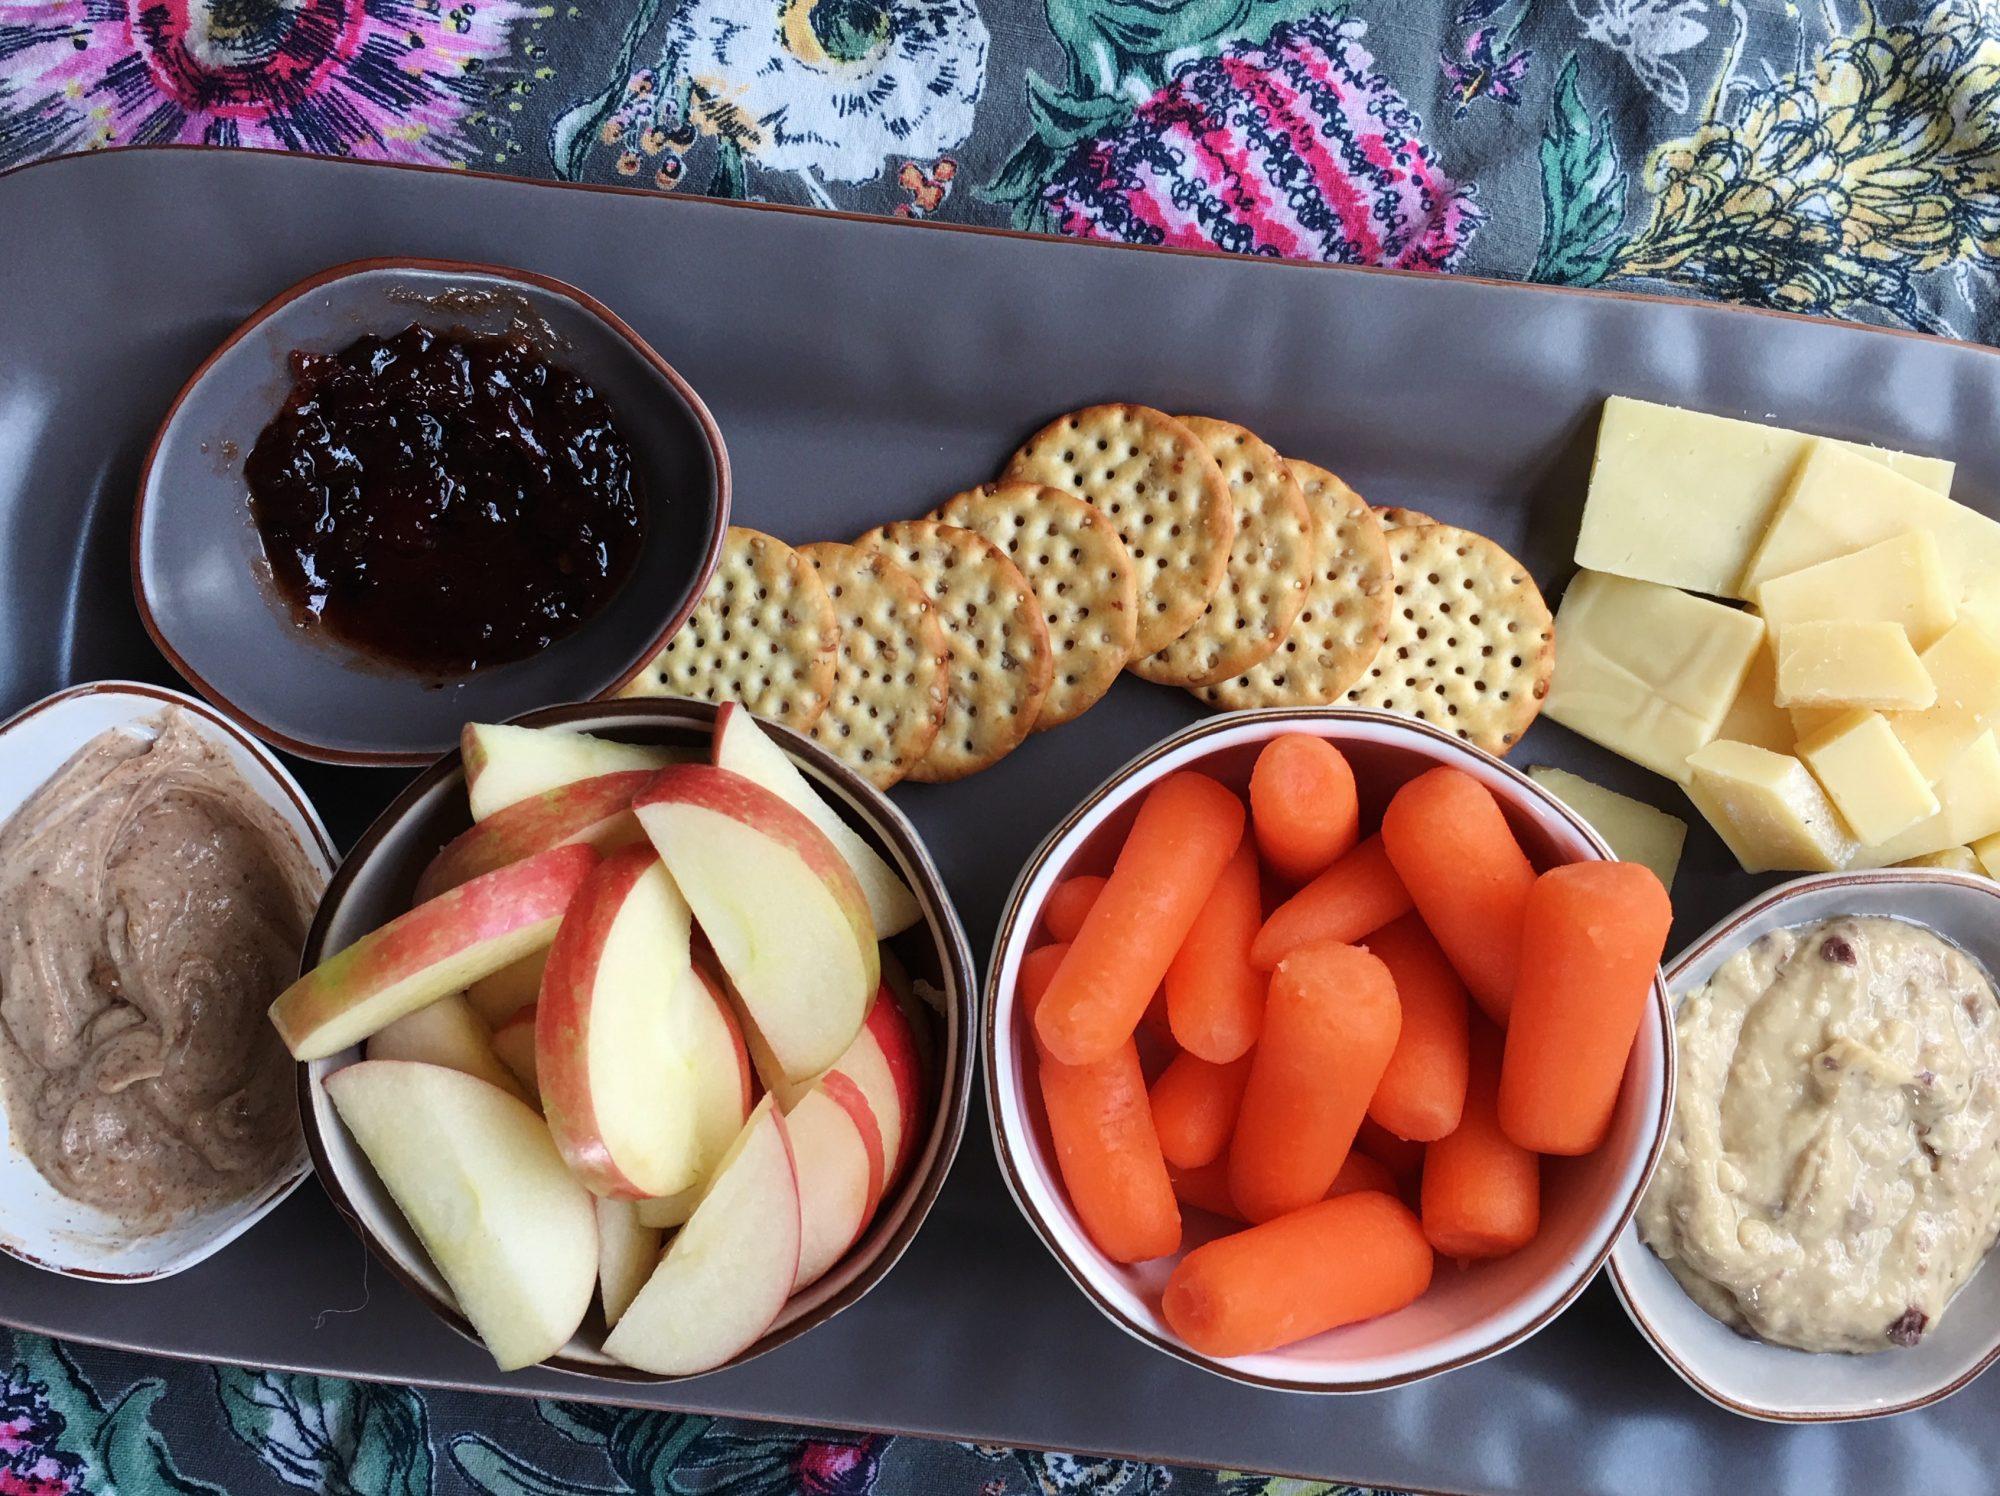 snack dinner apples carrots